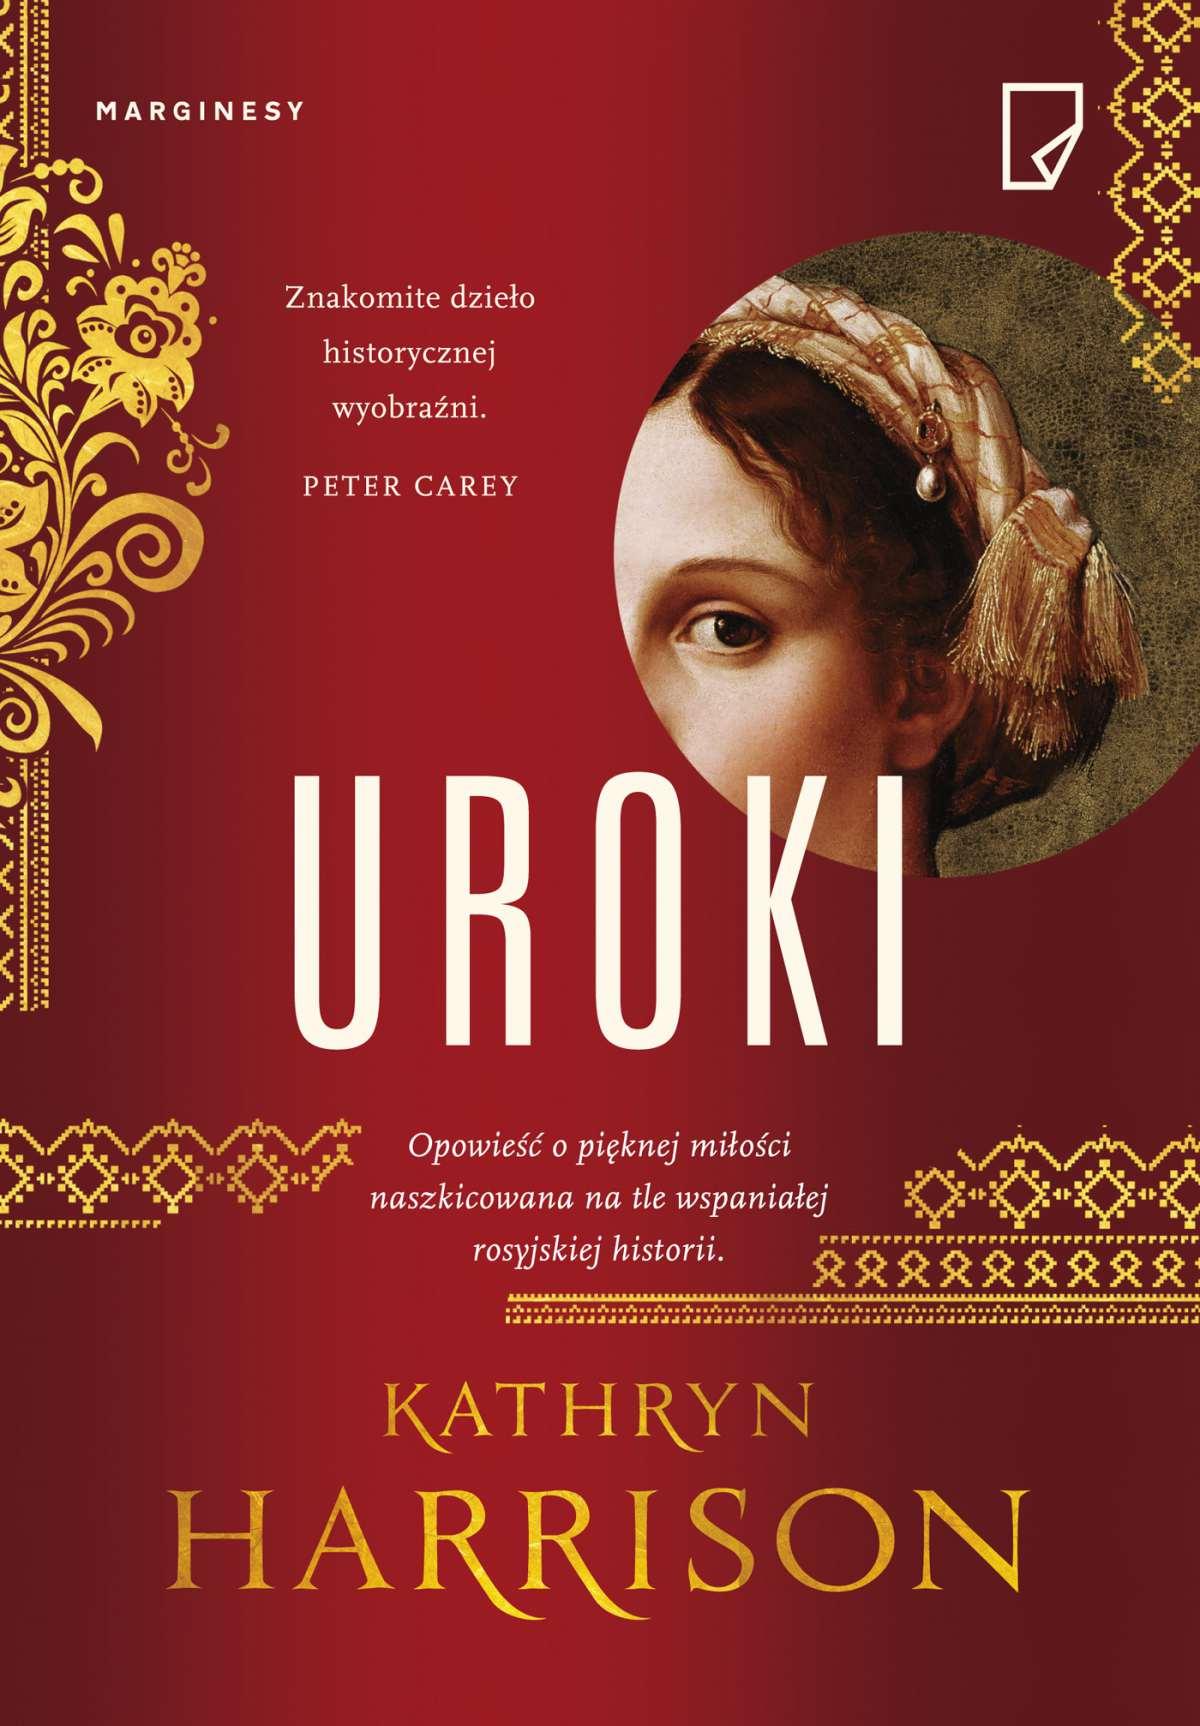 Uroki - Ebook (Książka EPUB) do pobrania w formacie EPUB